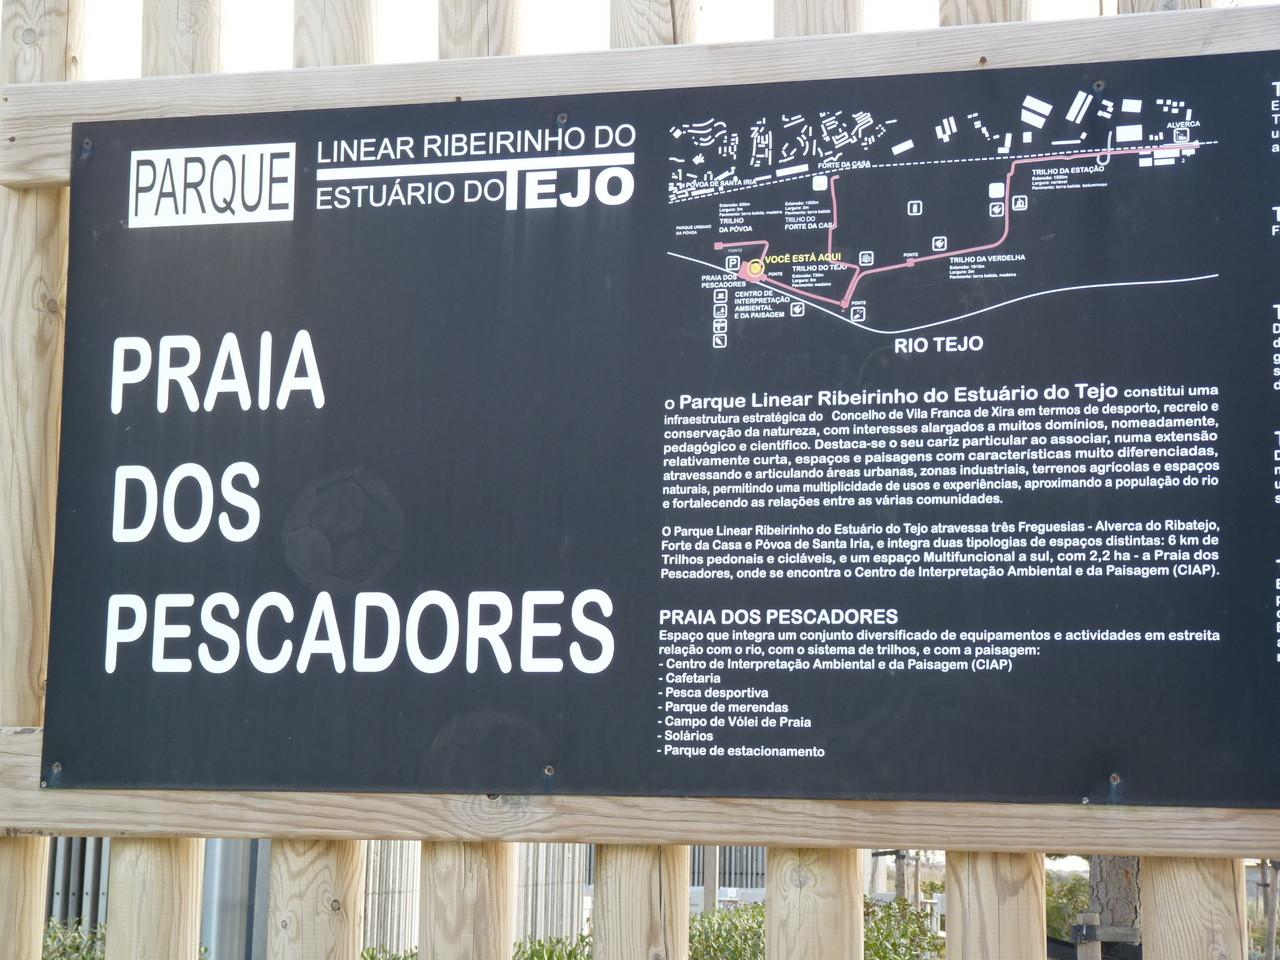 Parque Linear Ribeirinho do Estuário do Tejo (5).